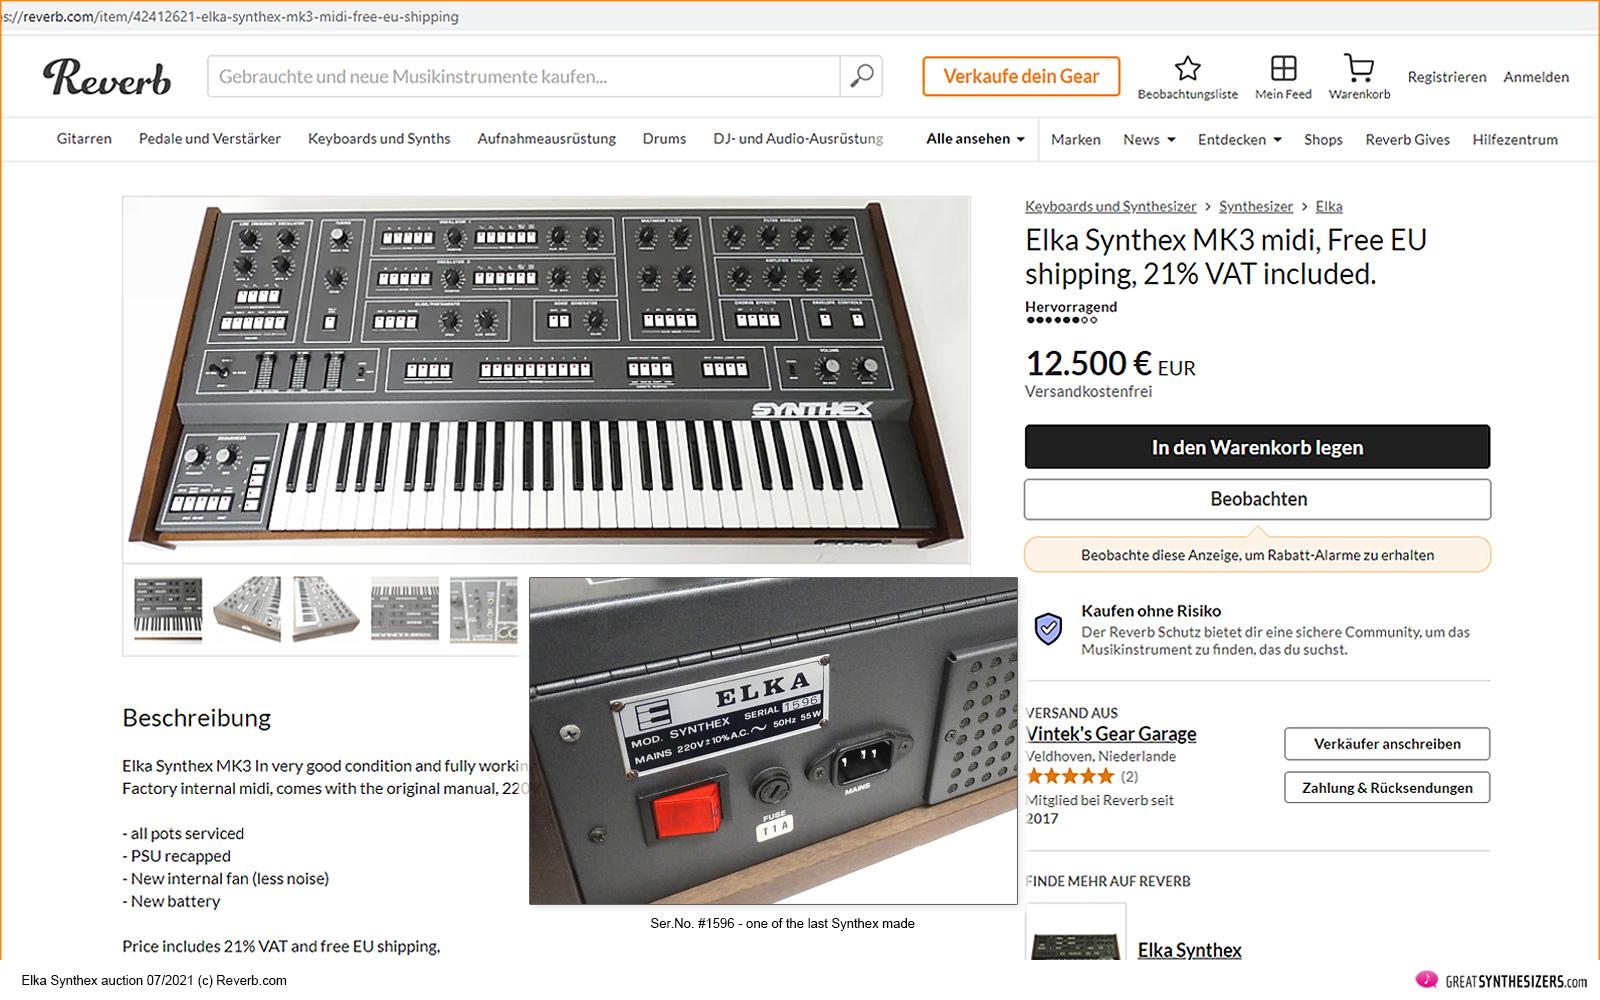 Auffallend ist, dass es seit 2020 einen deutlichen Schub gegeben hat - die Preise für Vintage-Synthesizer beginnen massiv zu steigen.